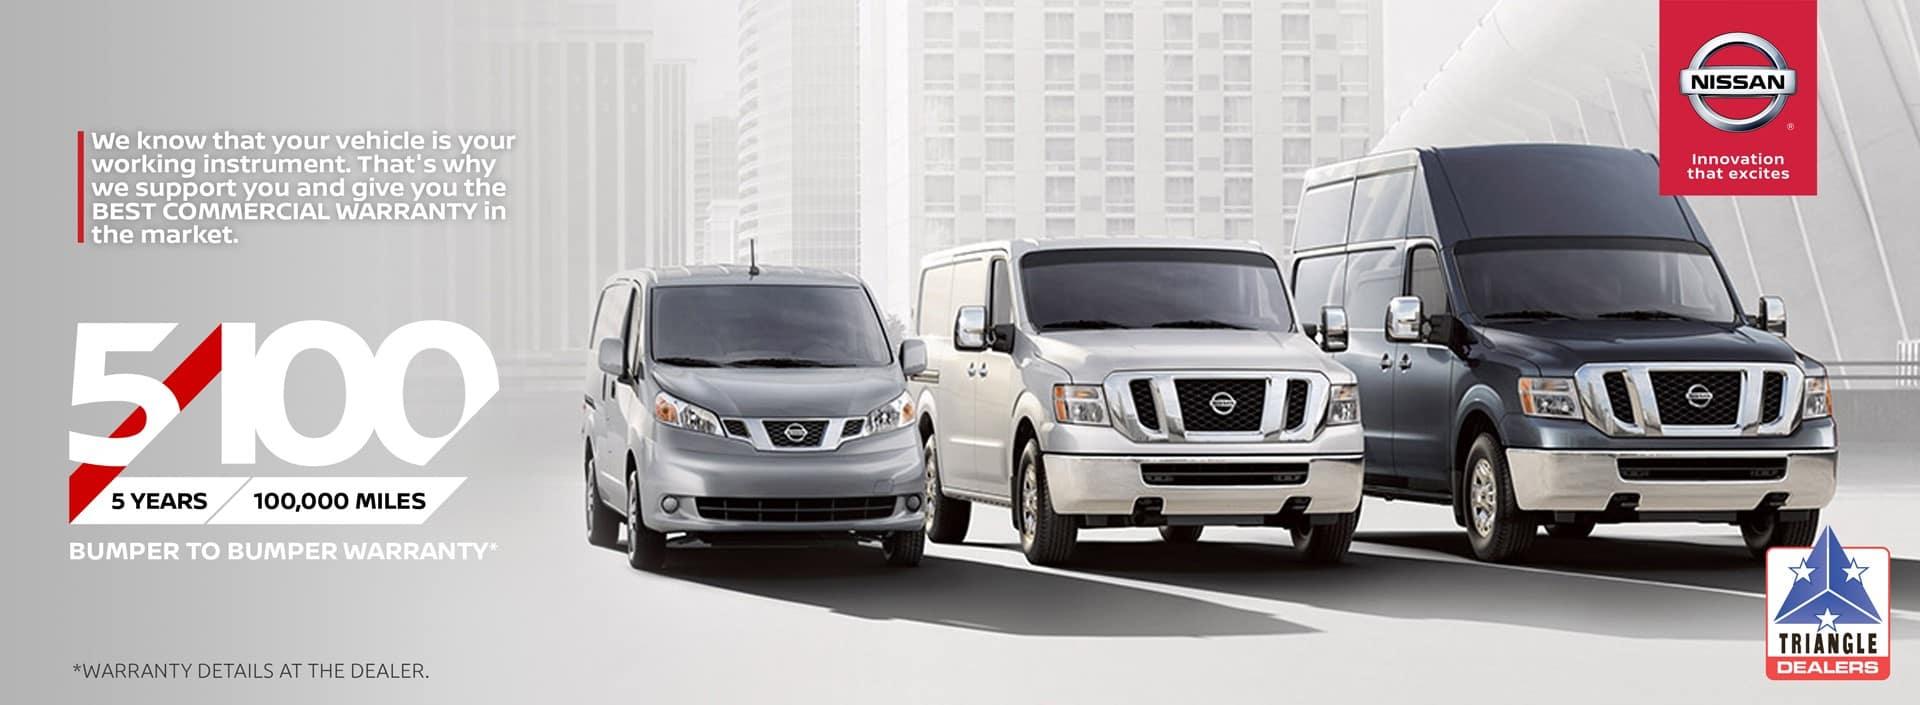 T.Nissan_Warranty_1920X705_Ingles